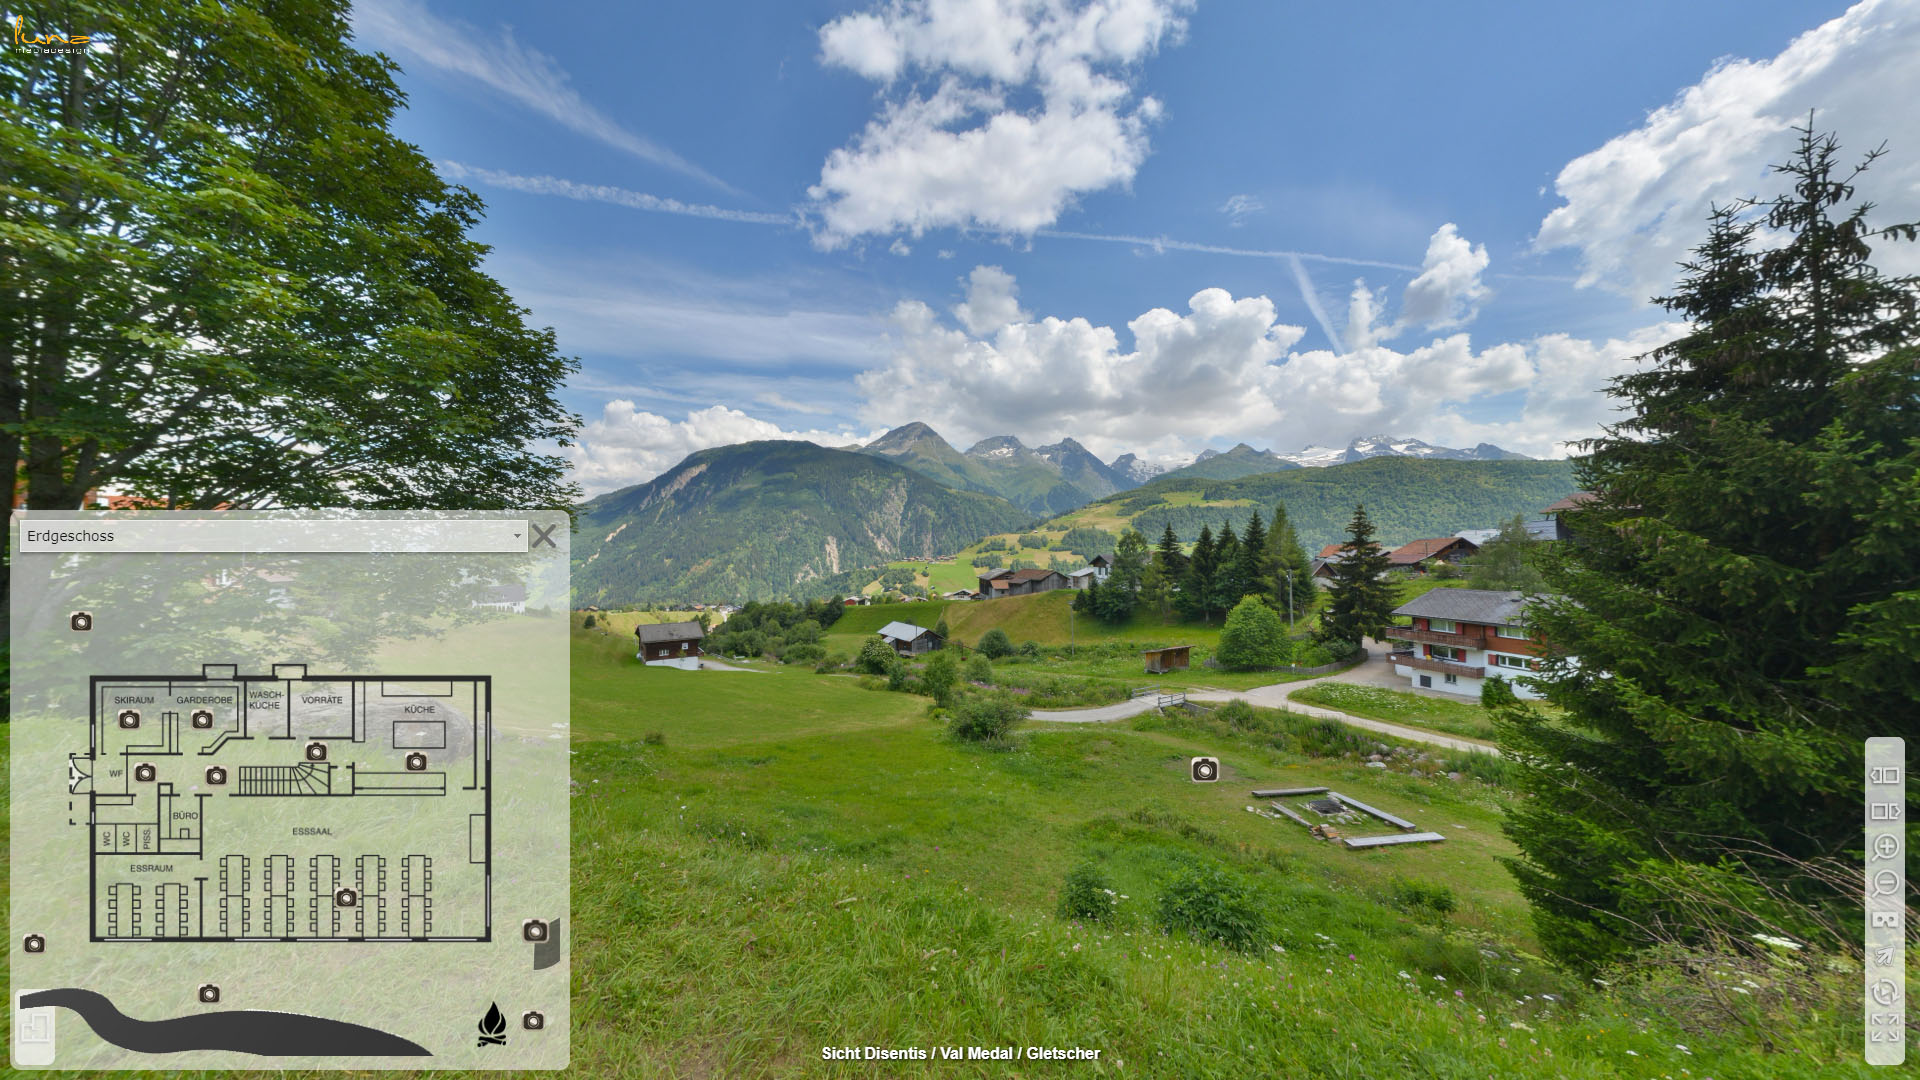 Alpina Gruppenhaus Graubuenden Sicht Disentis Gletscher